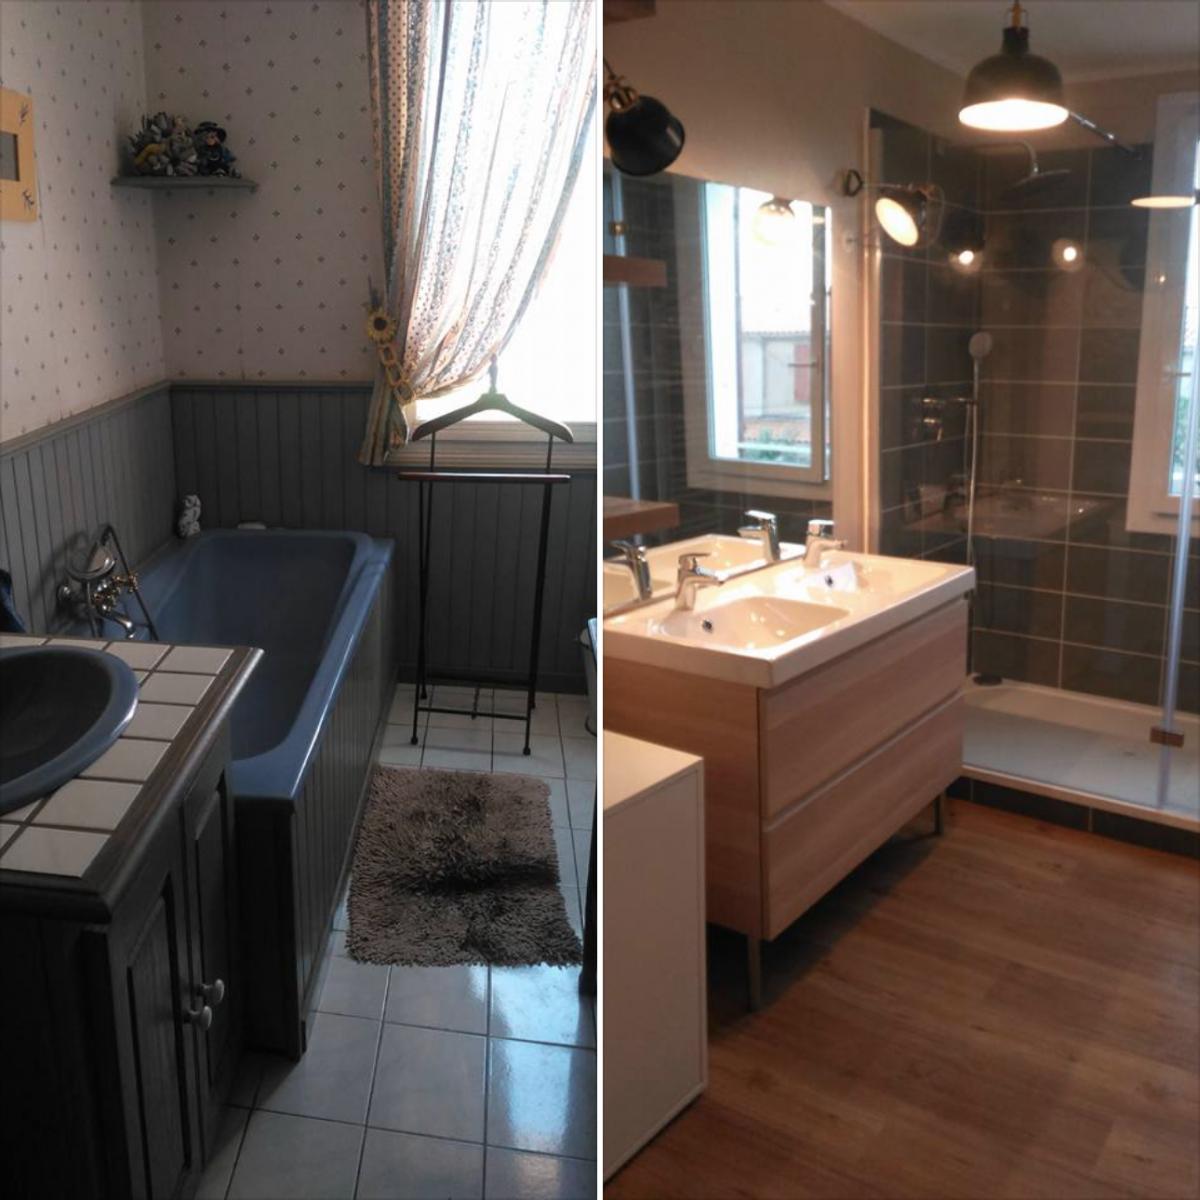 architecte int rieur marseille avec r novation d 39 une salle de bain agence mrc. Black Bedroom Furniture Sets. Home Design Ideas